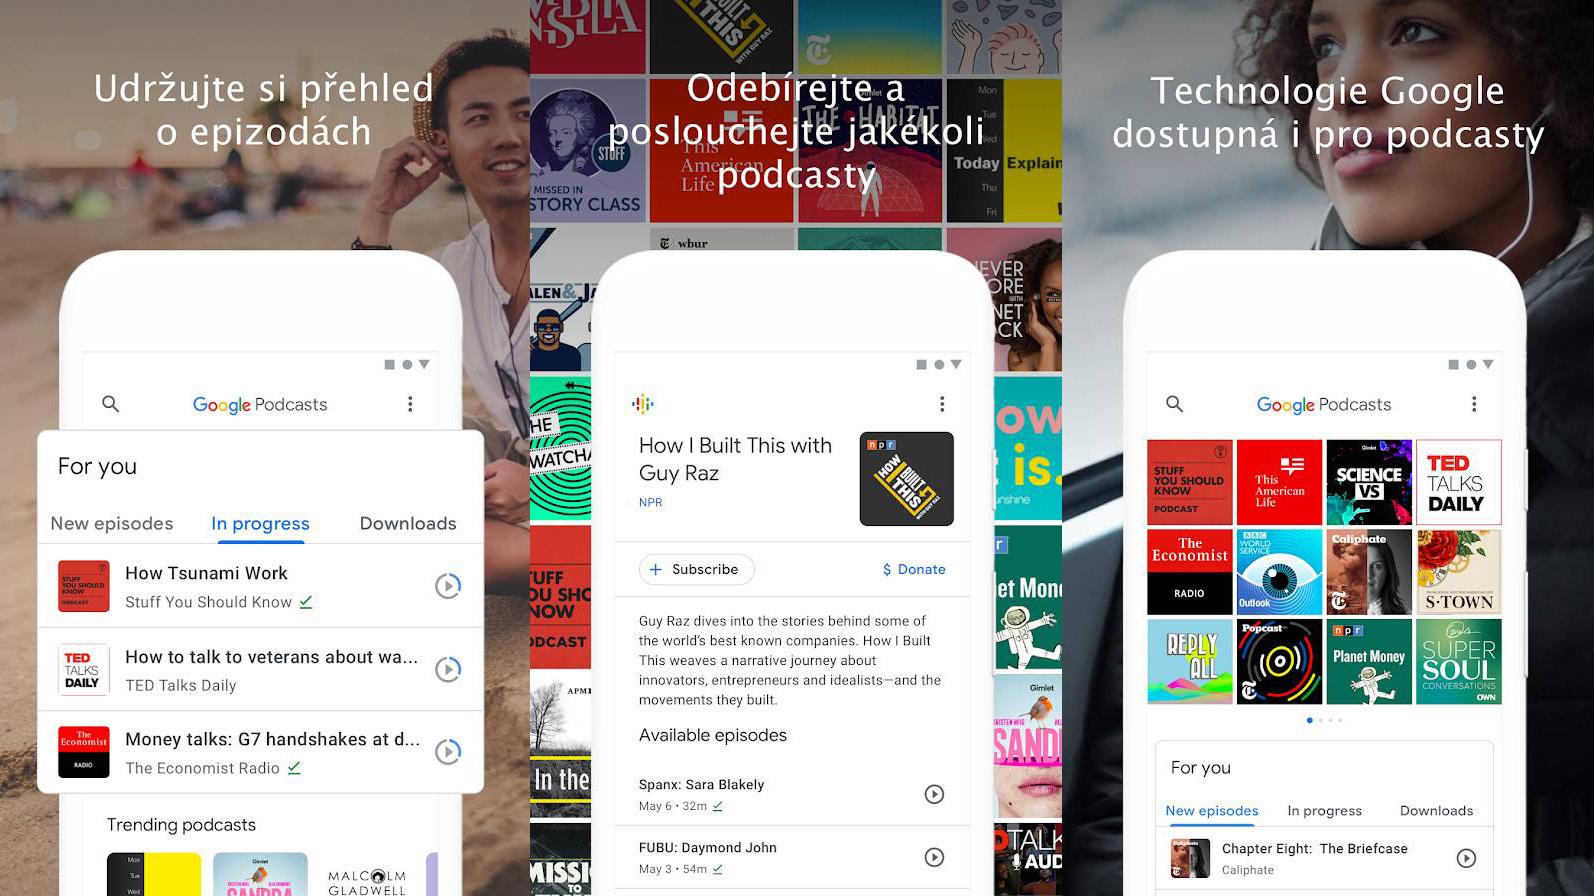 Podcasty Google je nová aplikace nabízející i český obsah